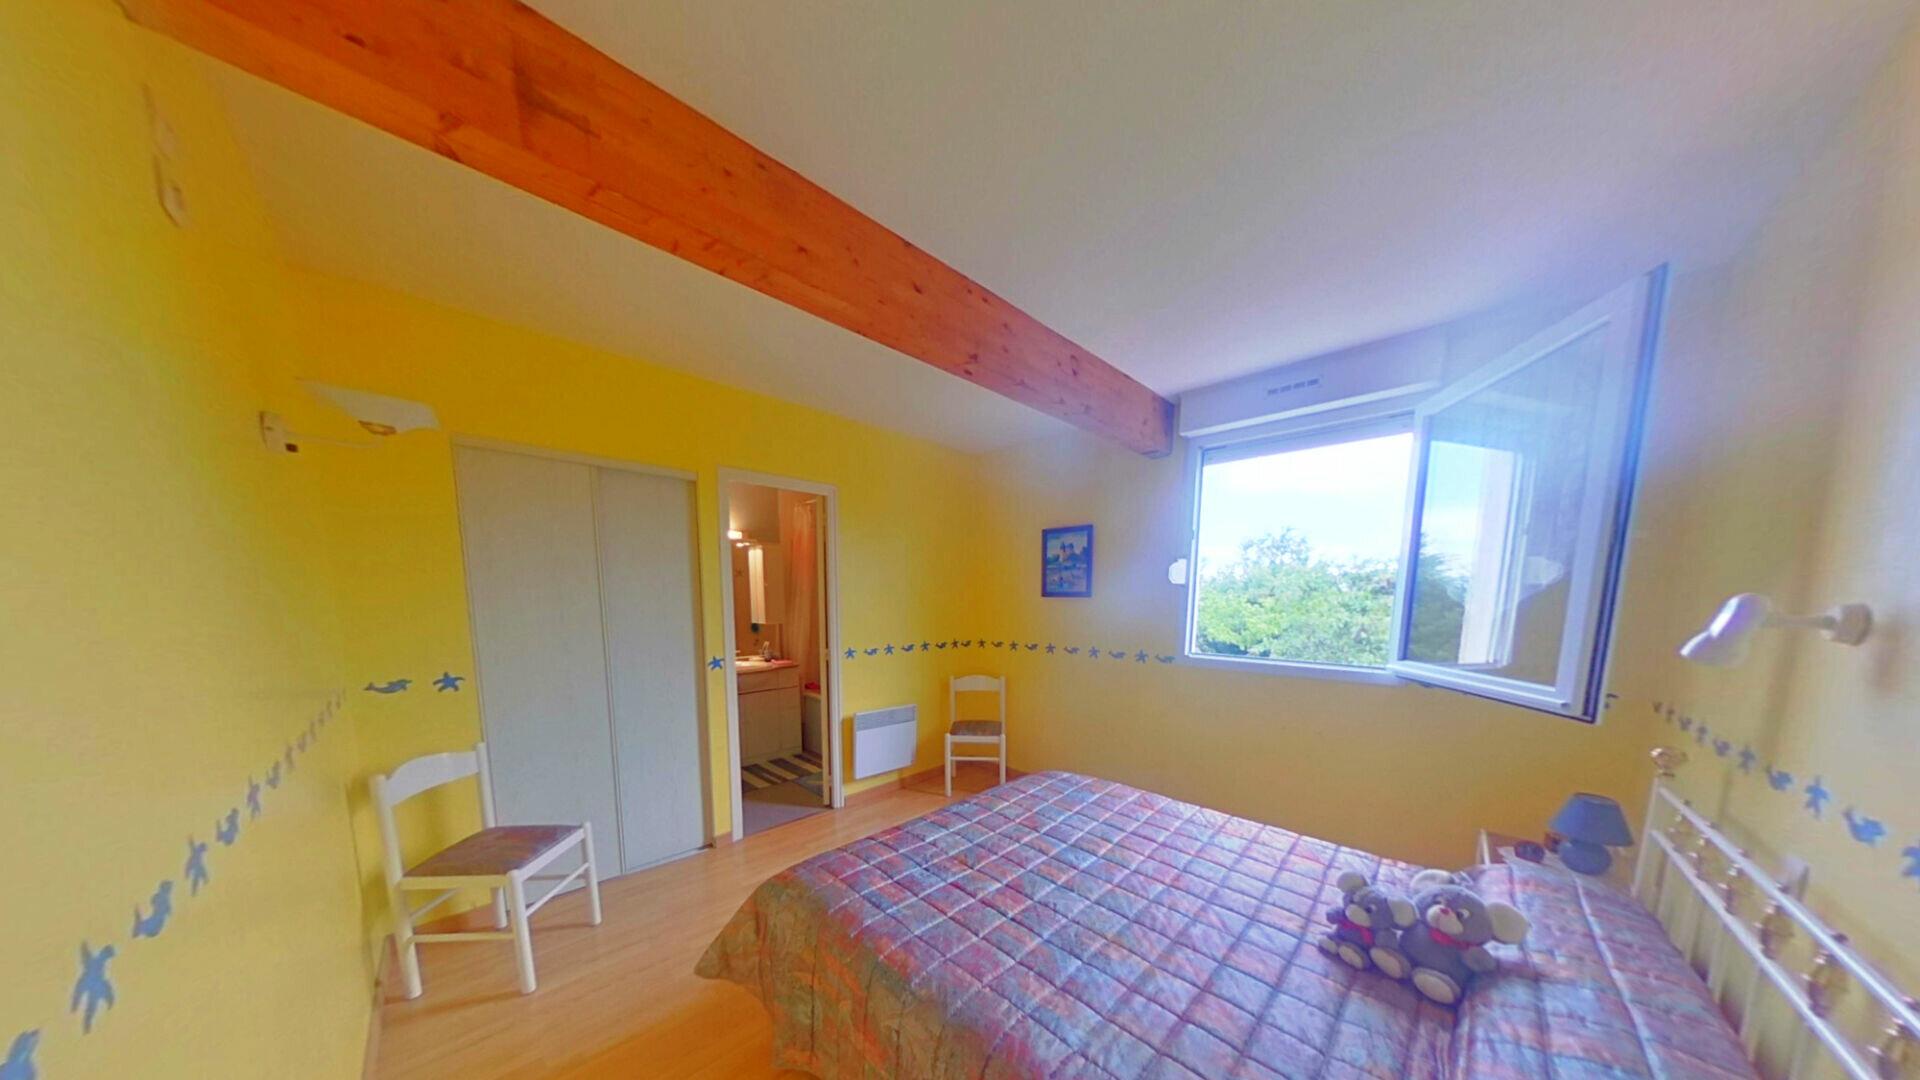 Achat Appartement 3 pièces à Piriac-sur-Mer - vignette-8